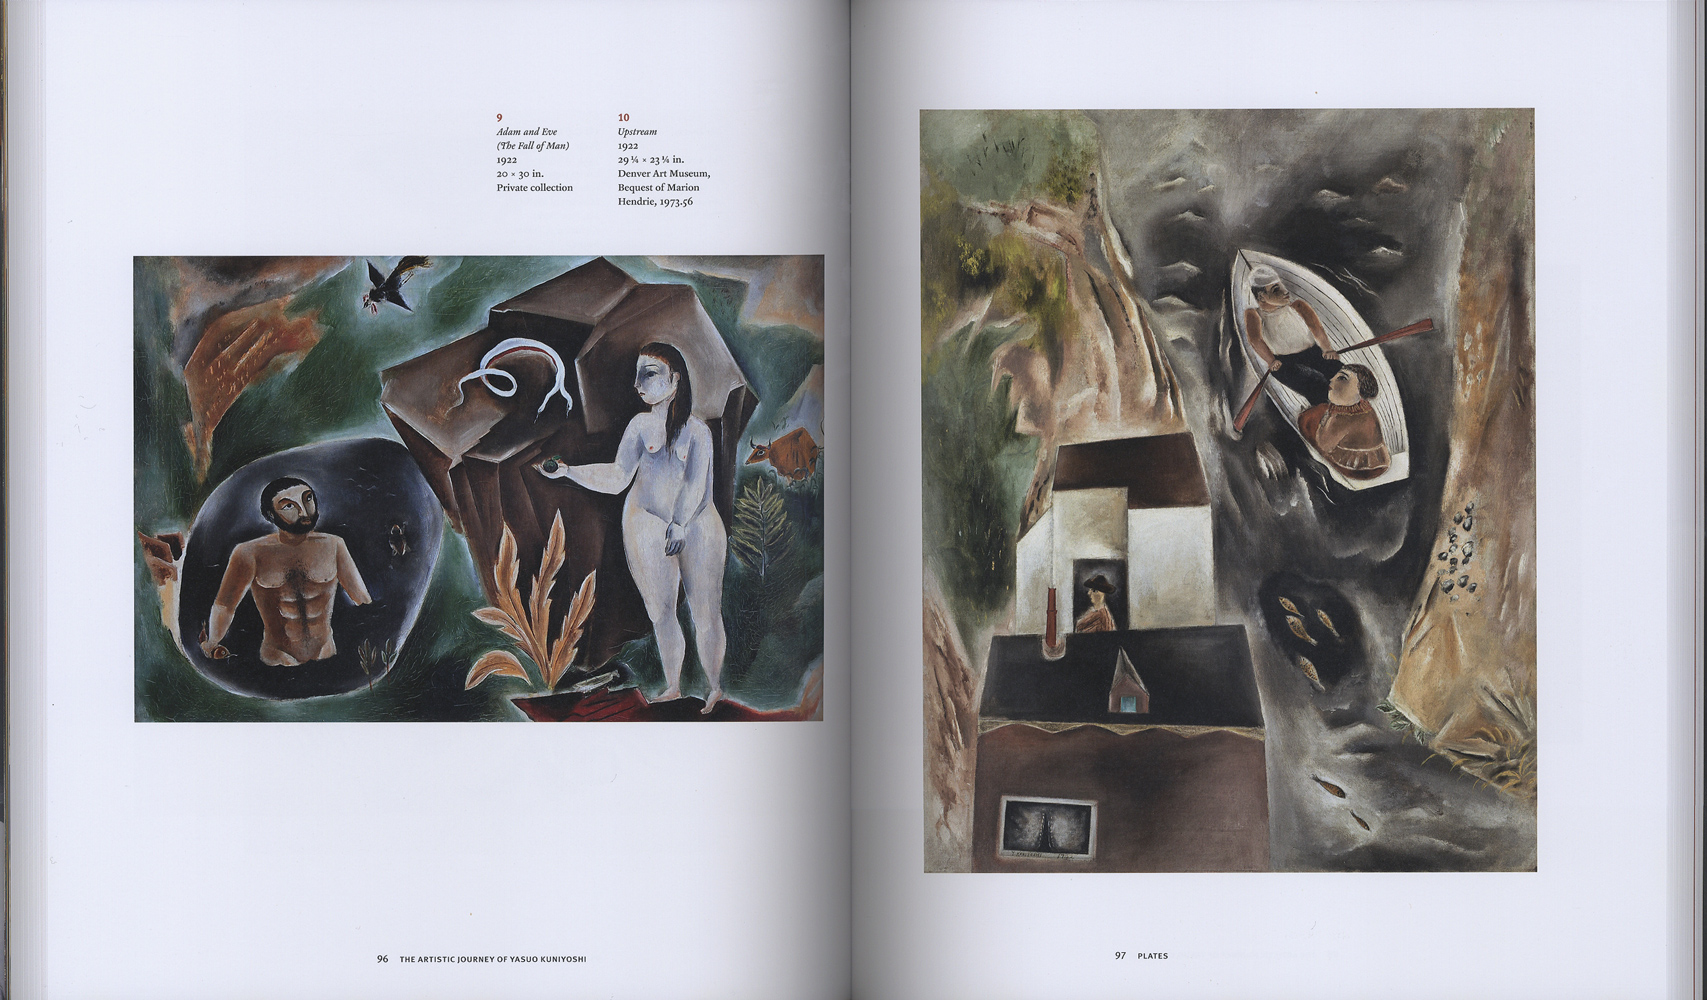 The Artistic Journey of Yasuo Kuniyoshi[image3]